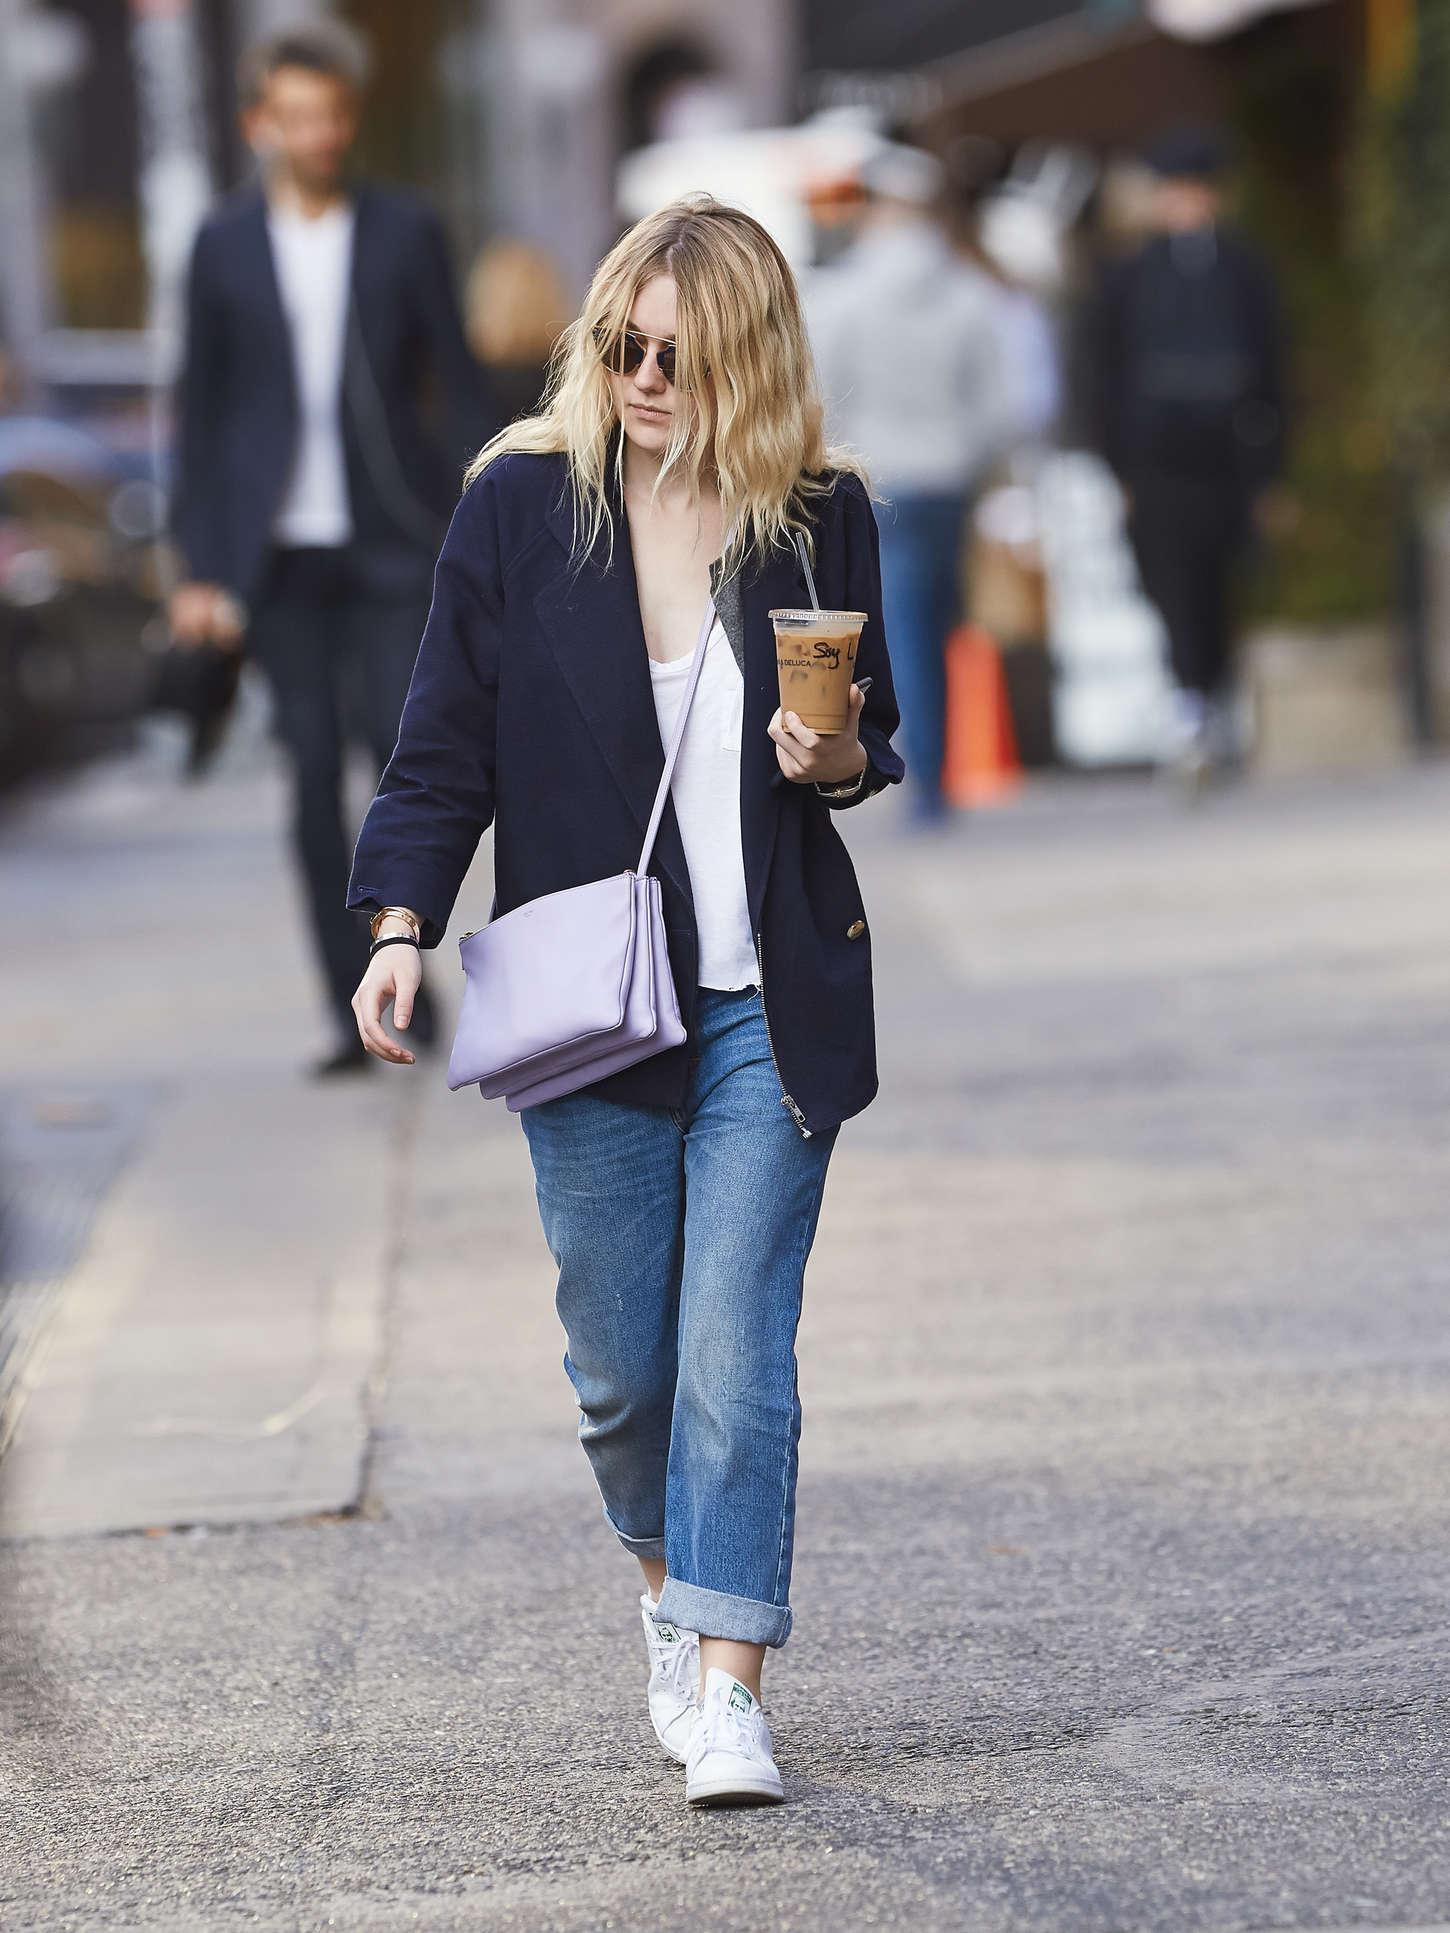 Dakota Fanning 2014 : Dakota Fanning in Jeans -01